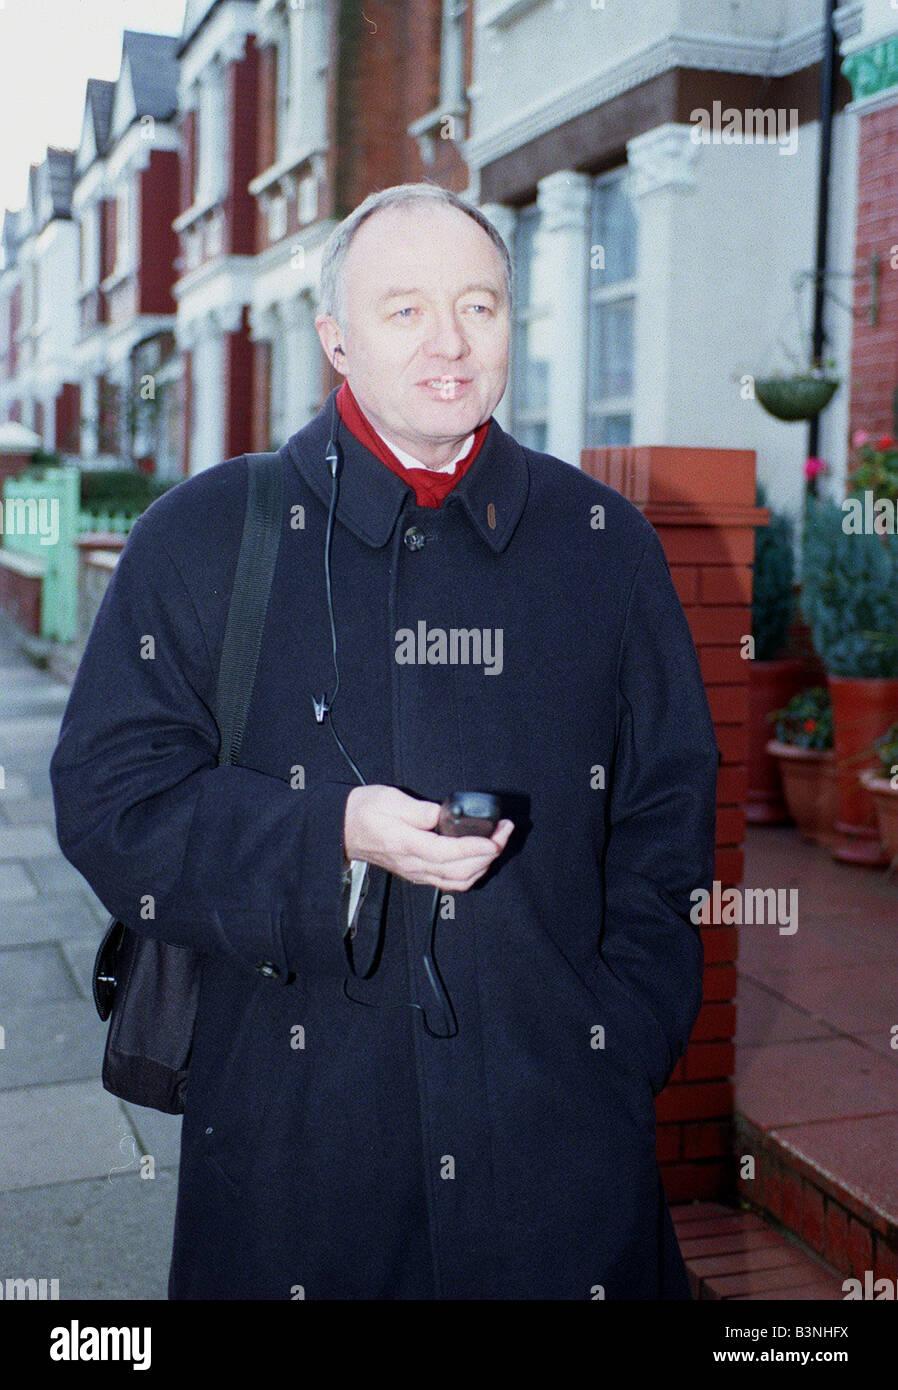 Ken Livingstone leaving home this morning November 1999 - Stock Image